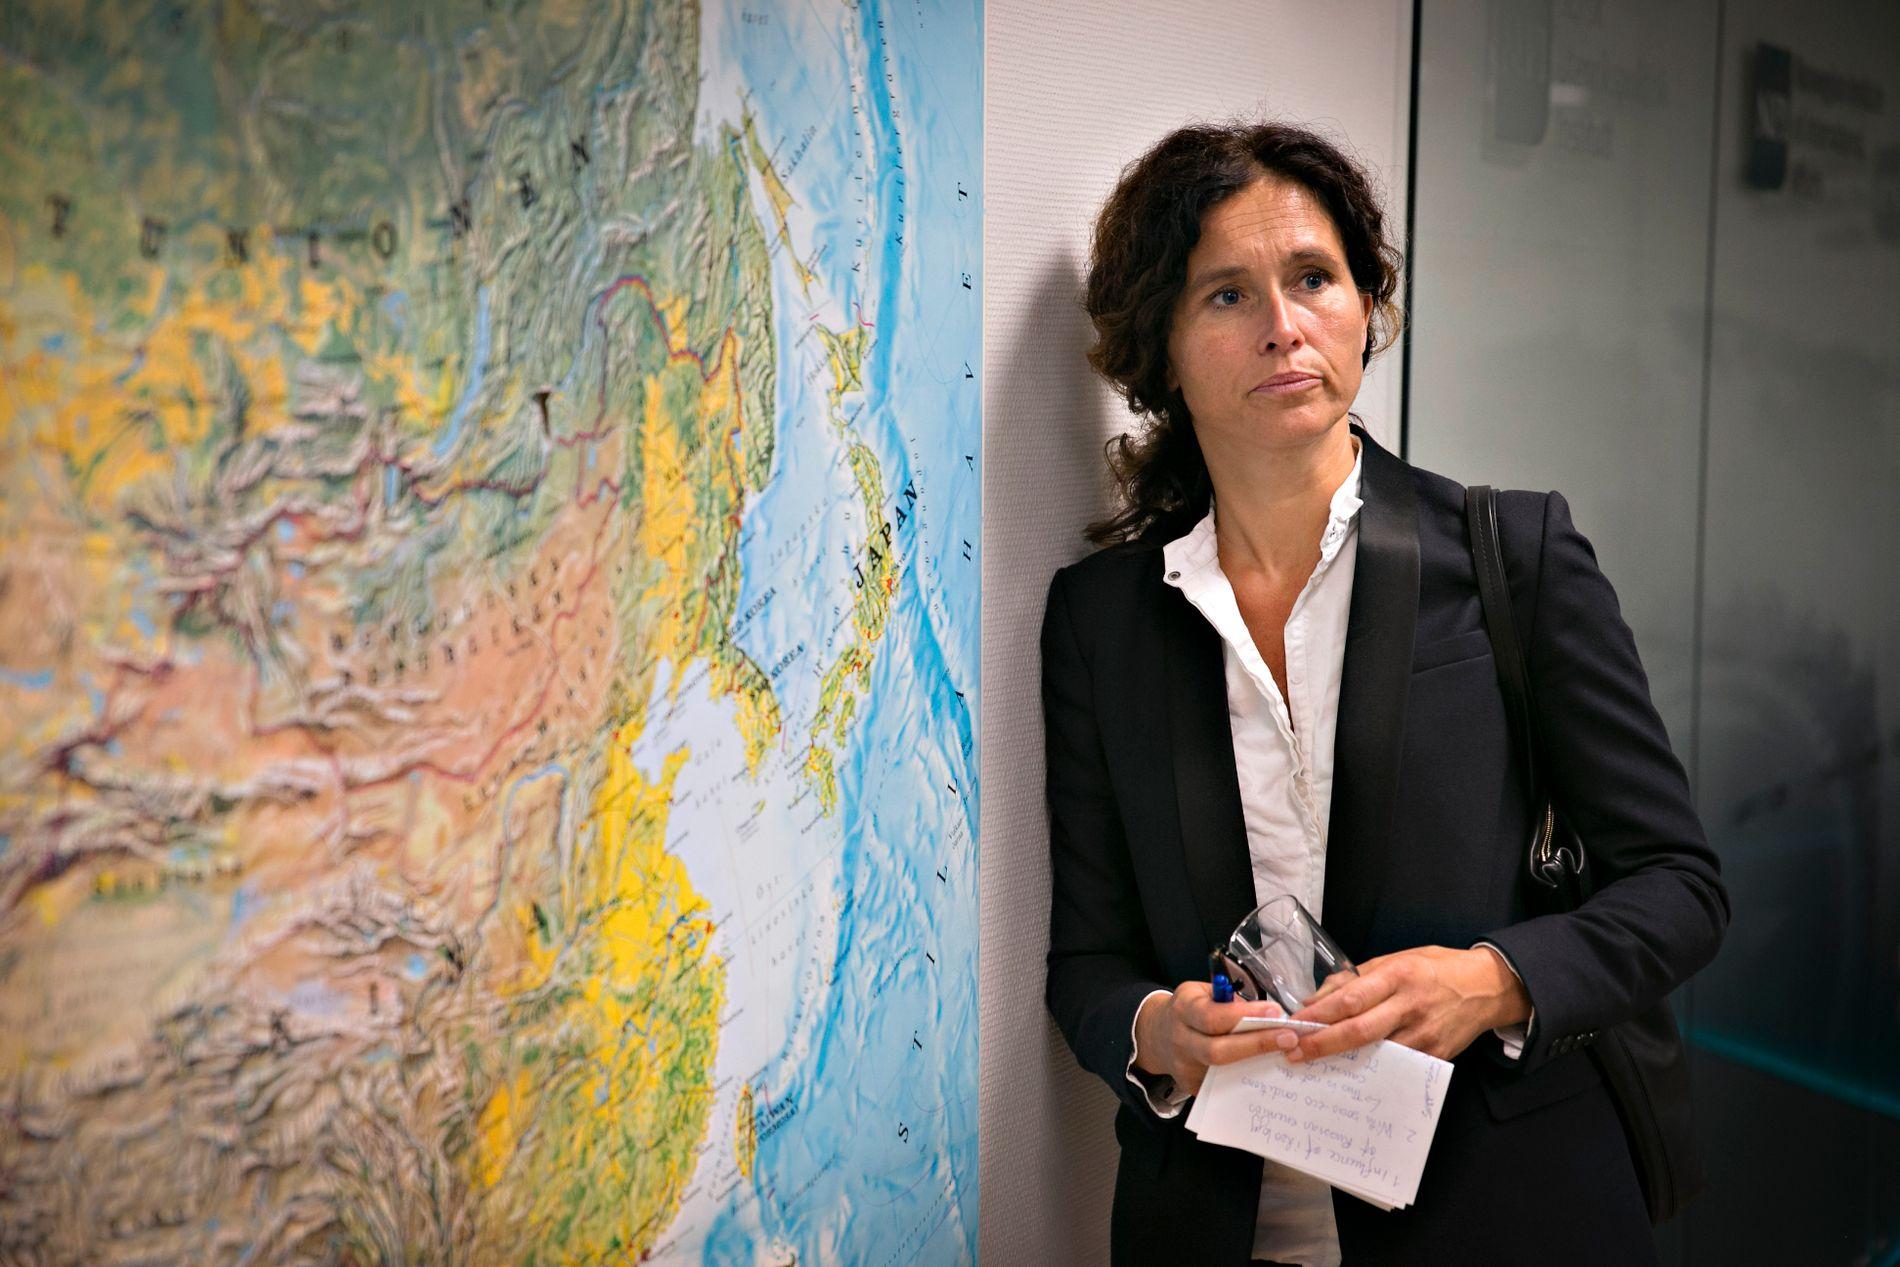 GJØR IKKE DET DE SIER: Seniorforsker Julie Wilhelmsen på NUPI har skrevet om hvordan forholdet mellom Russland og NATO har vært en spiral av mistillit siden 2014.